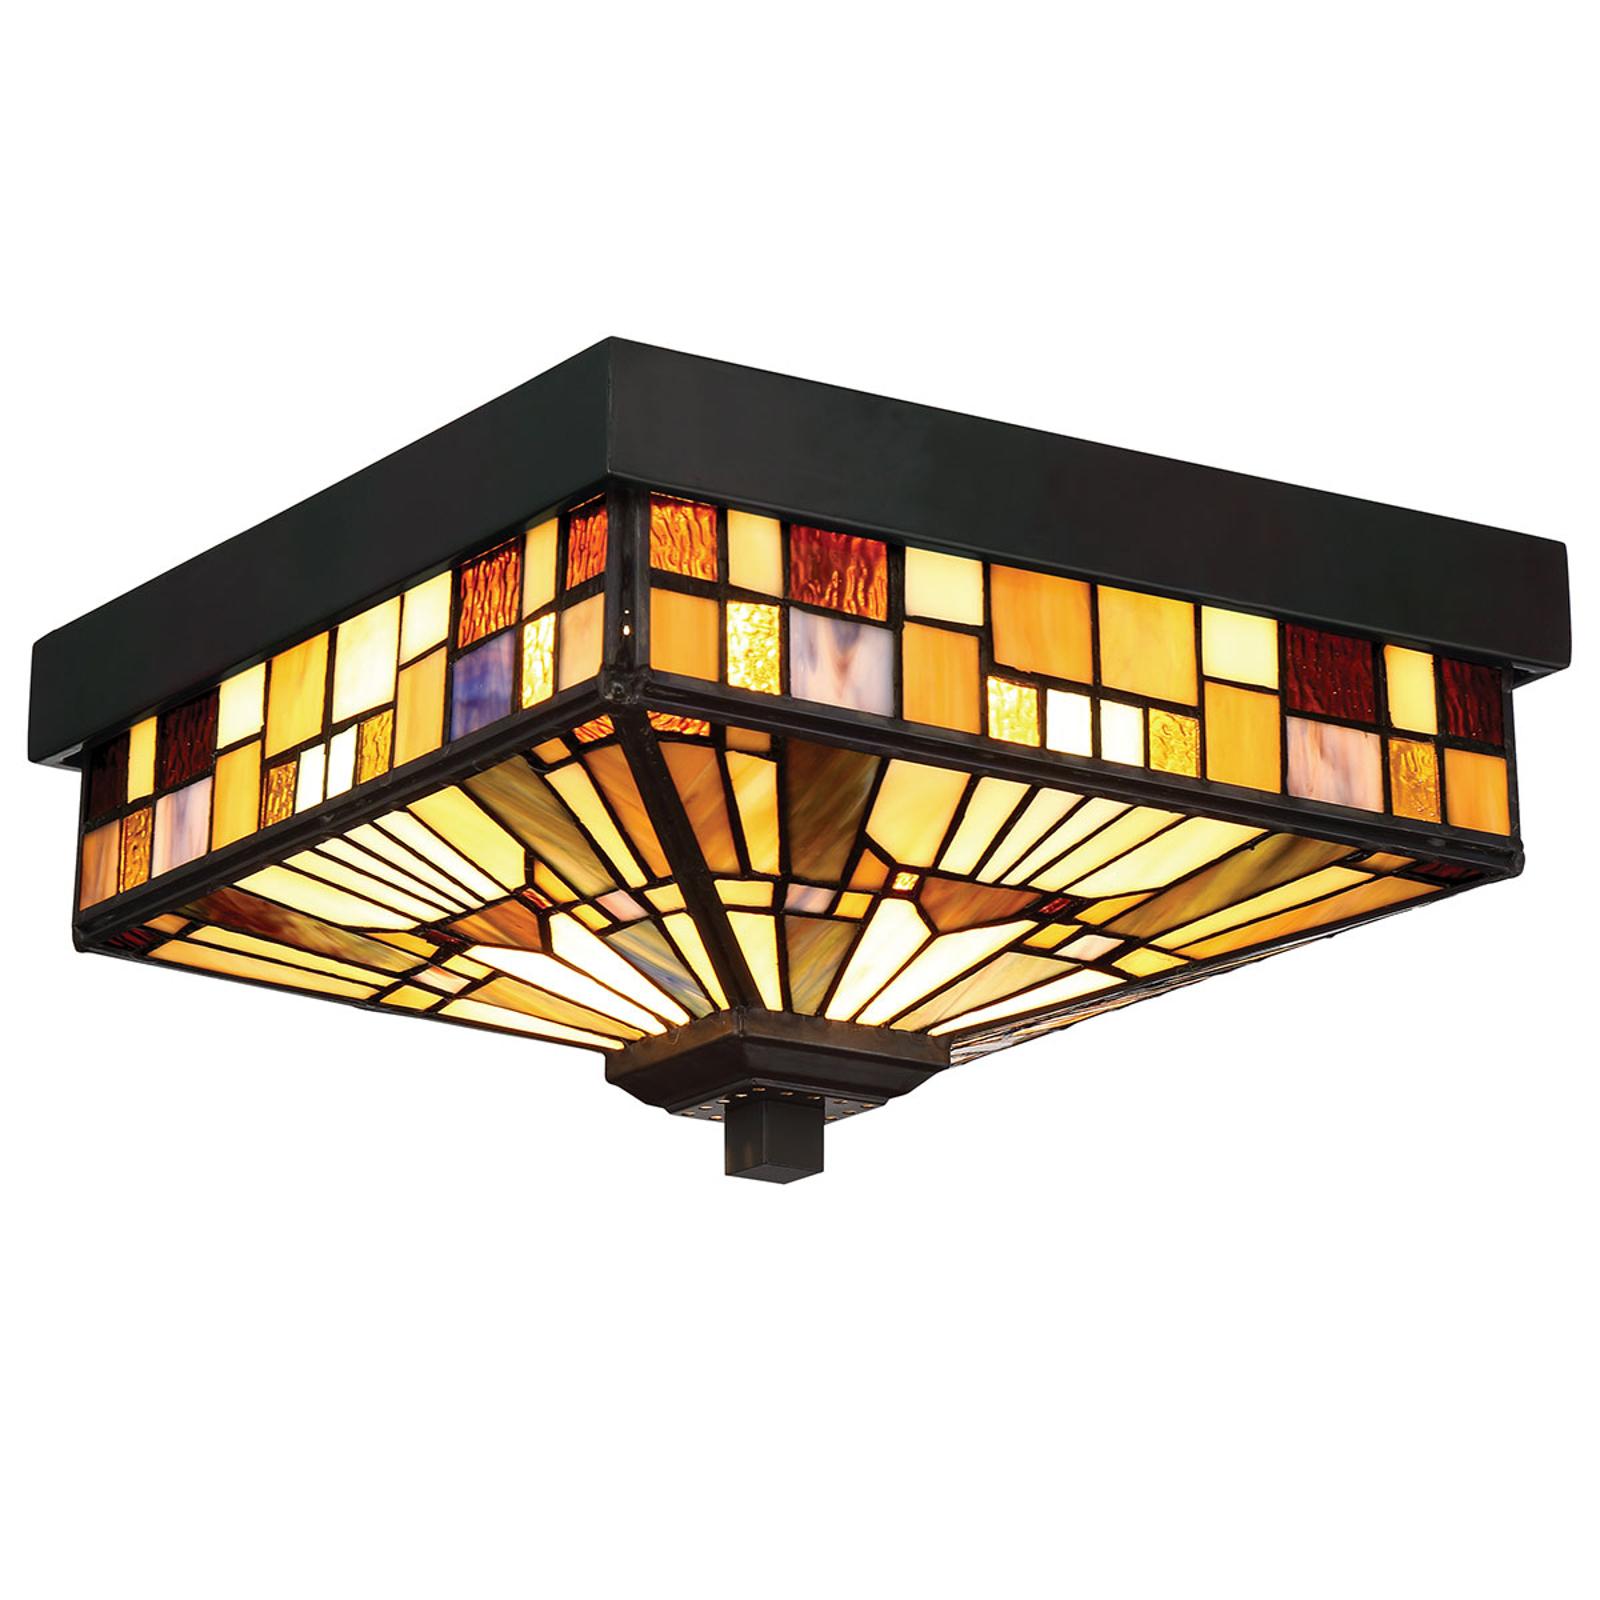 Lampa sufitowa zewnętrzna Inglenook kolorowe szkło